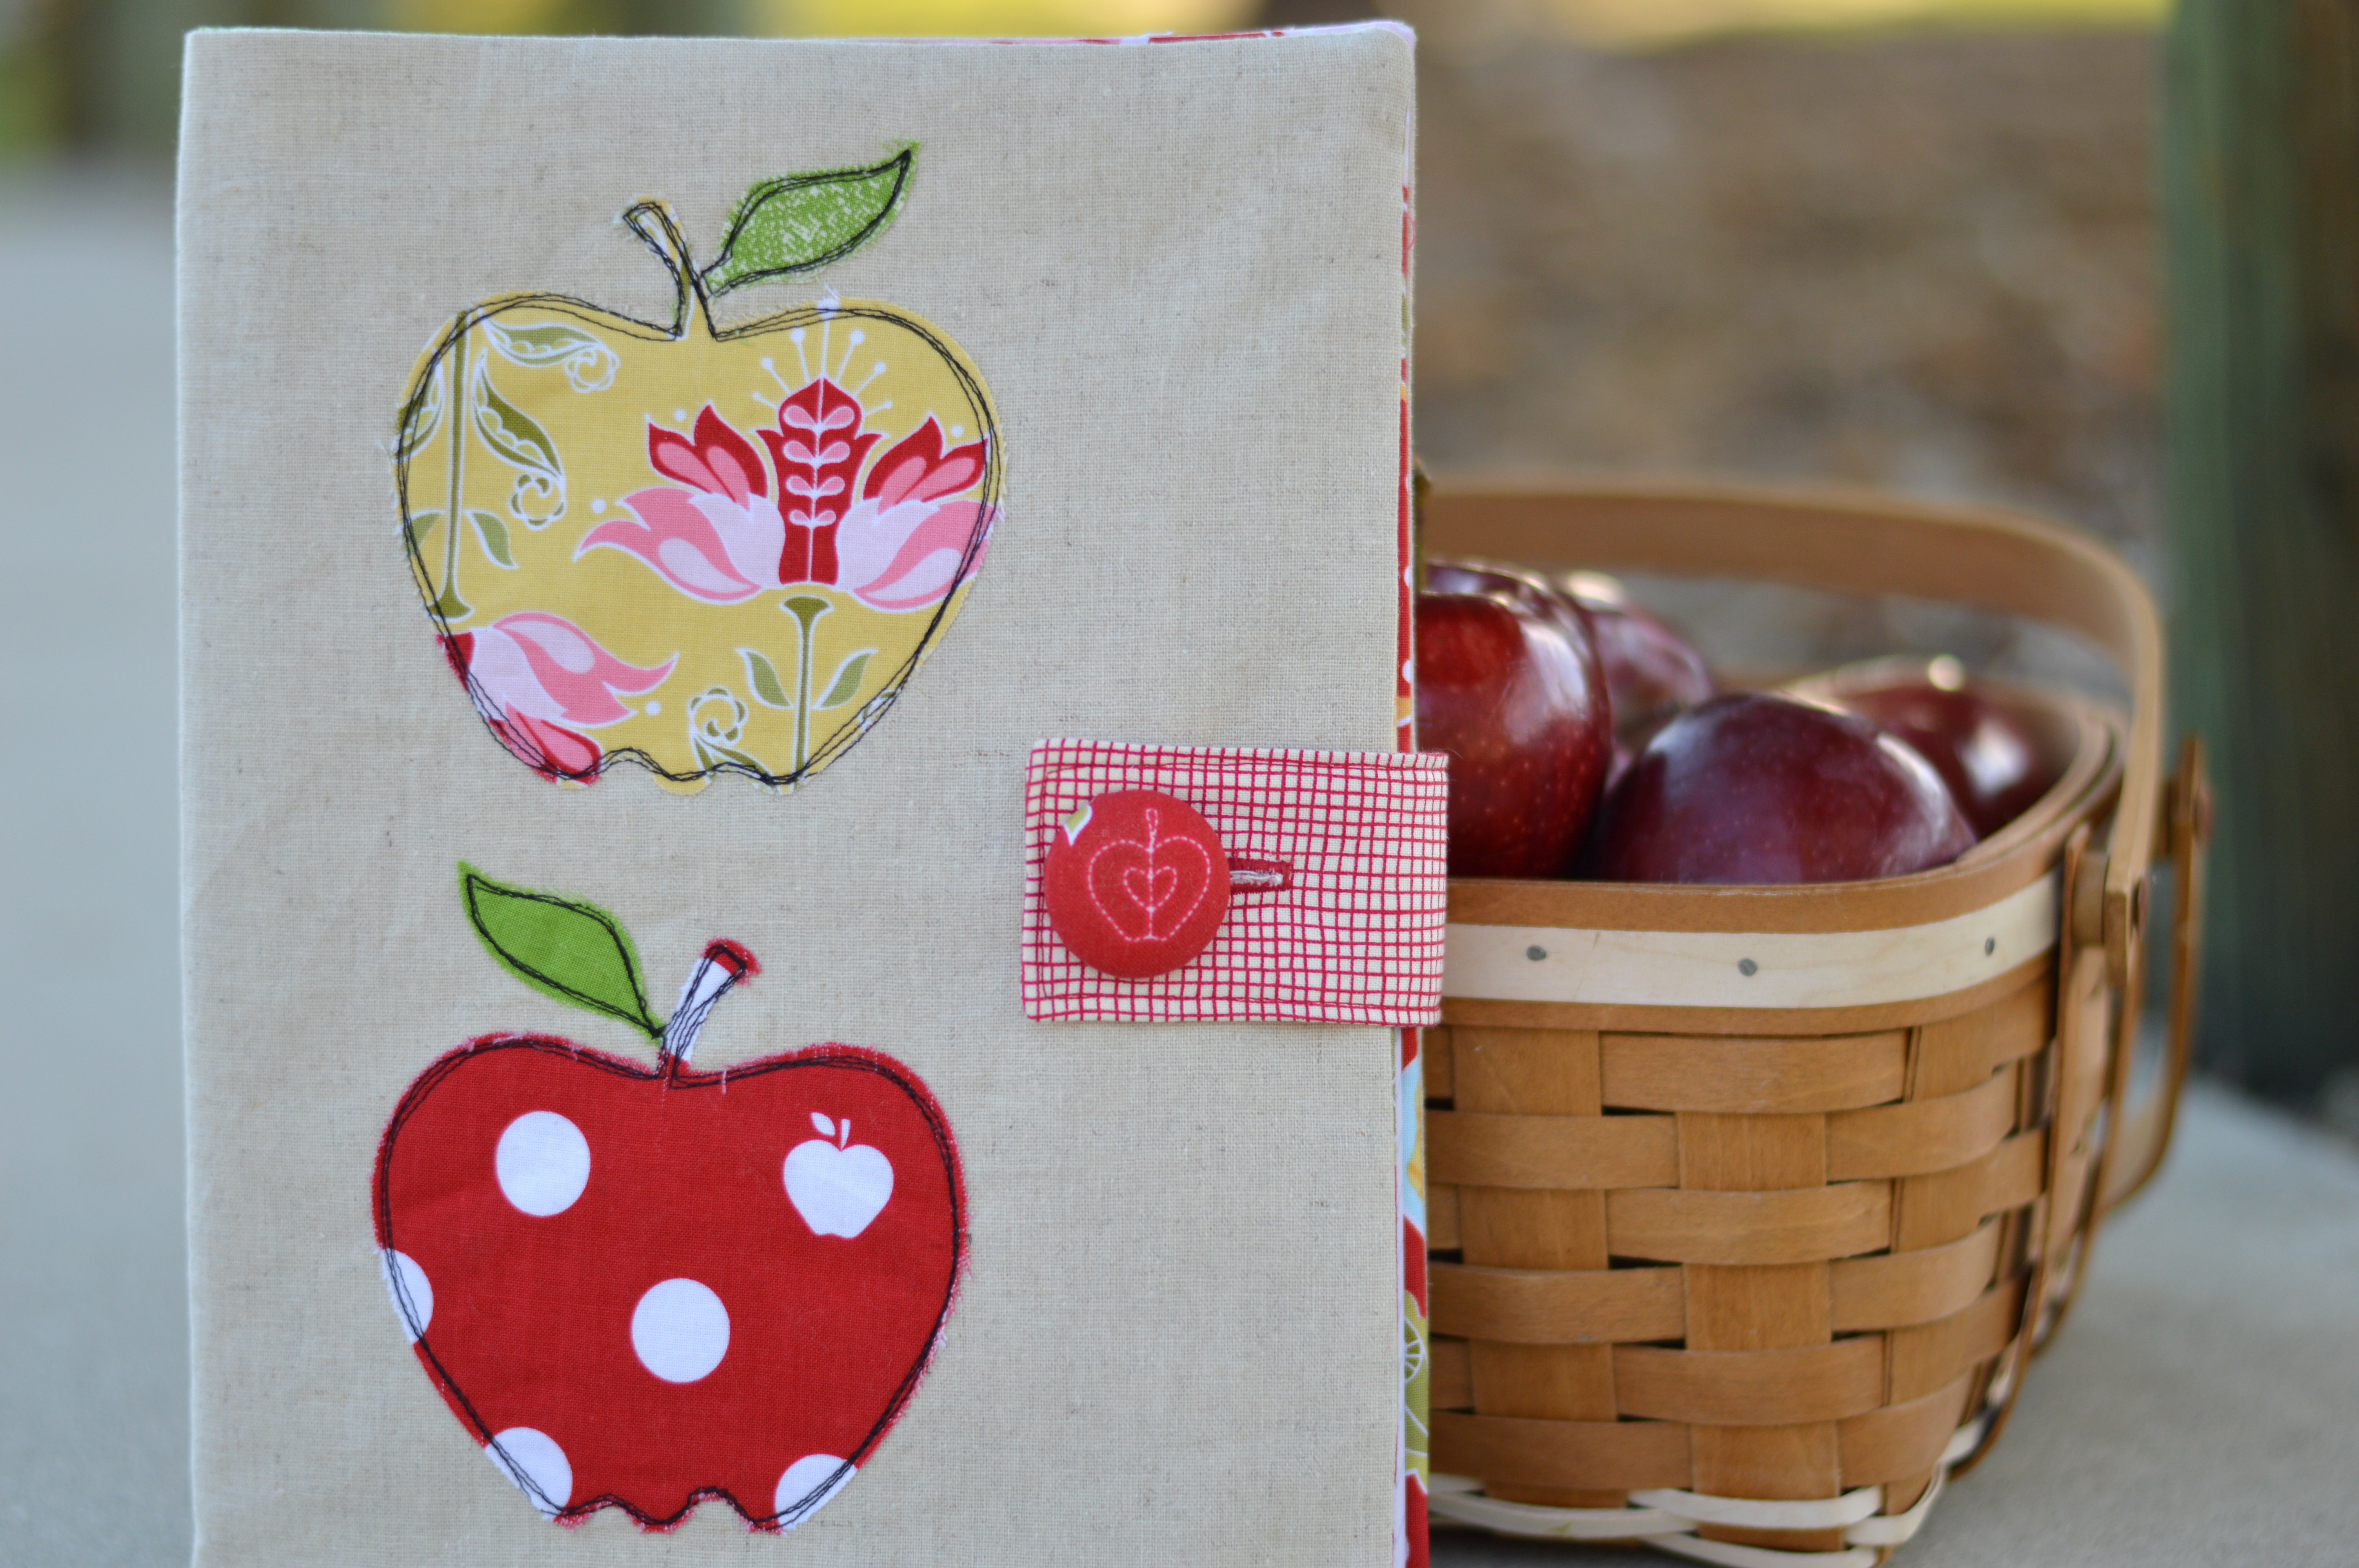 apple applique composition book 3